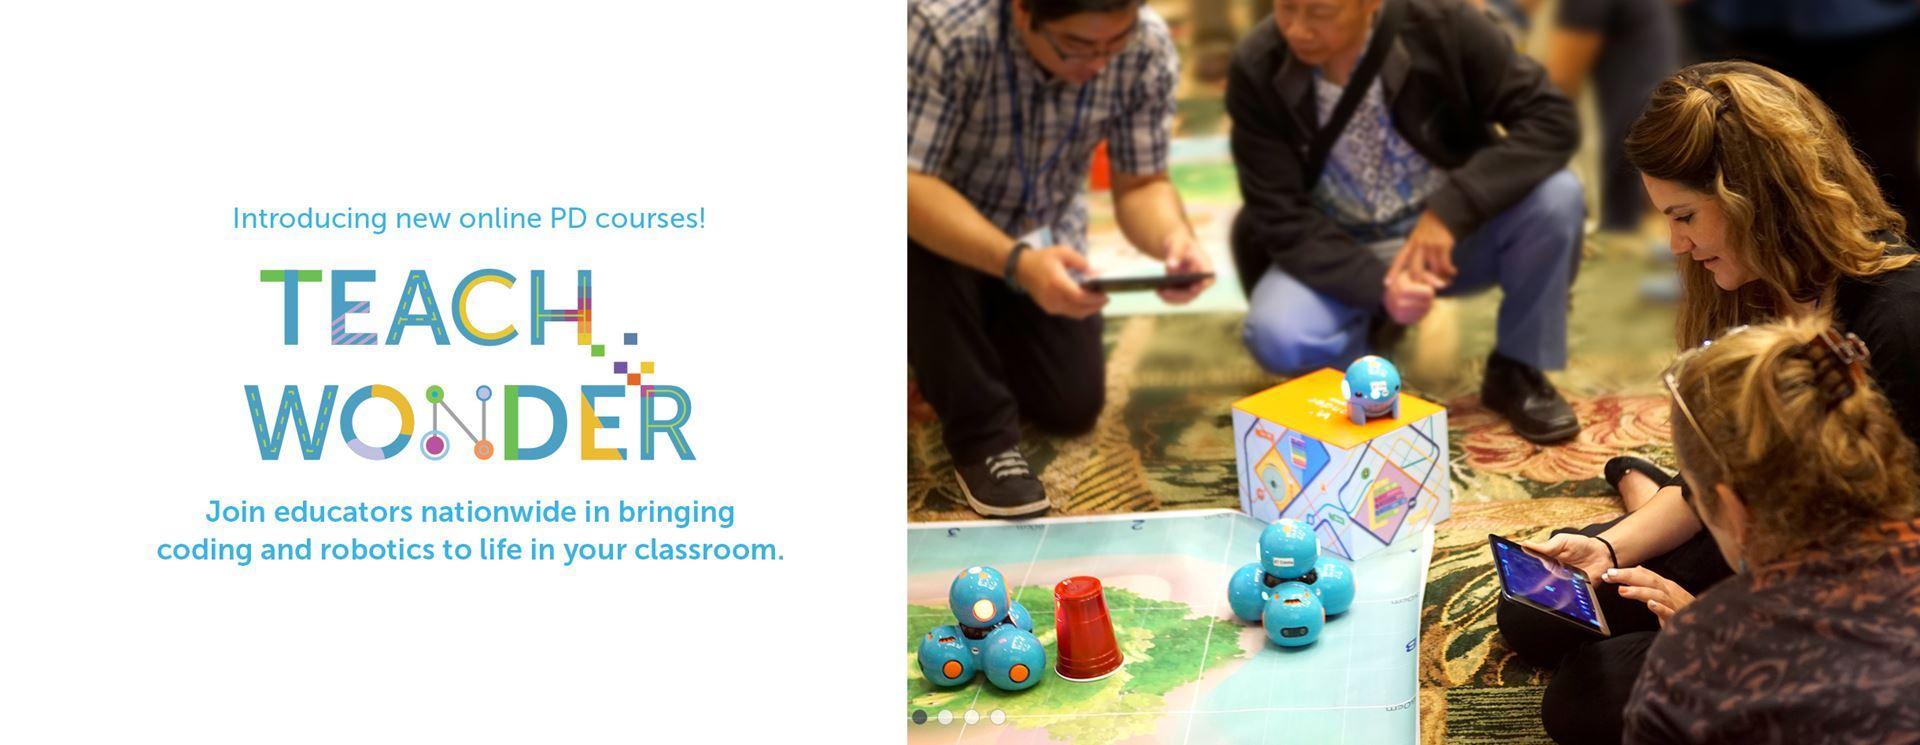 Teach Wonder Banner